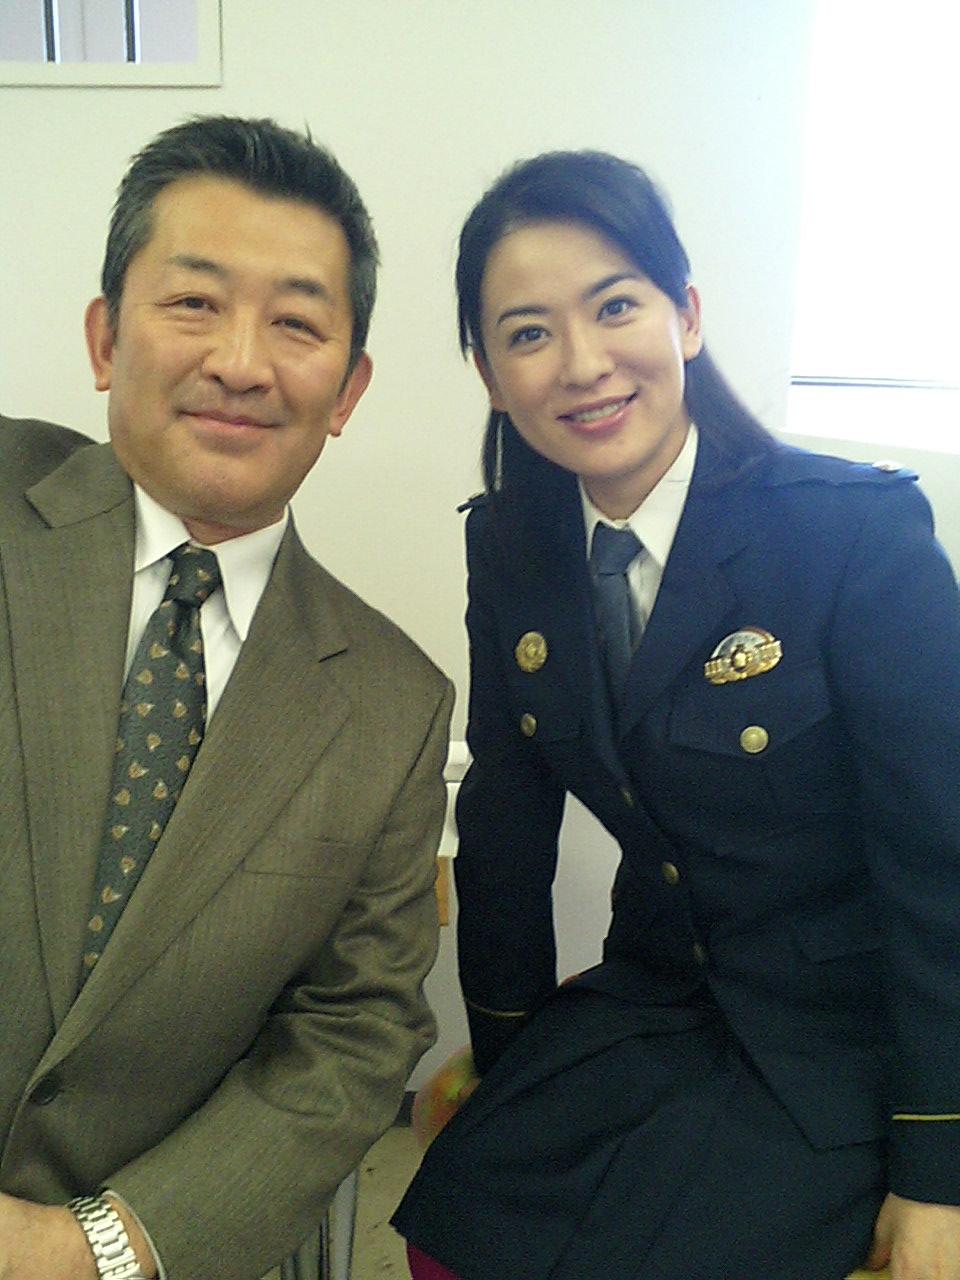 数あるドラマに出演されている鈴木さん。